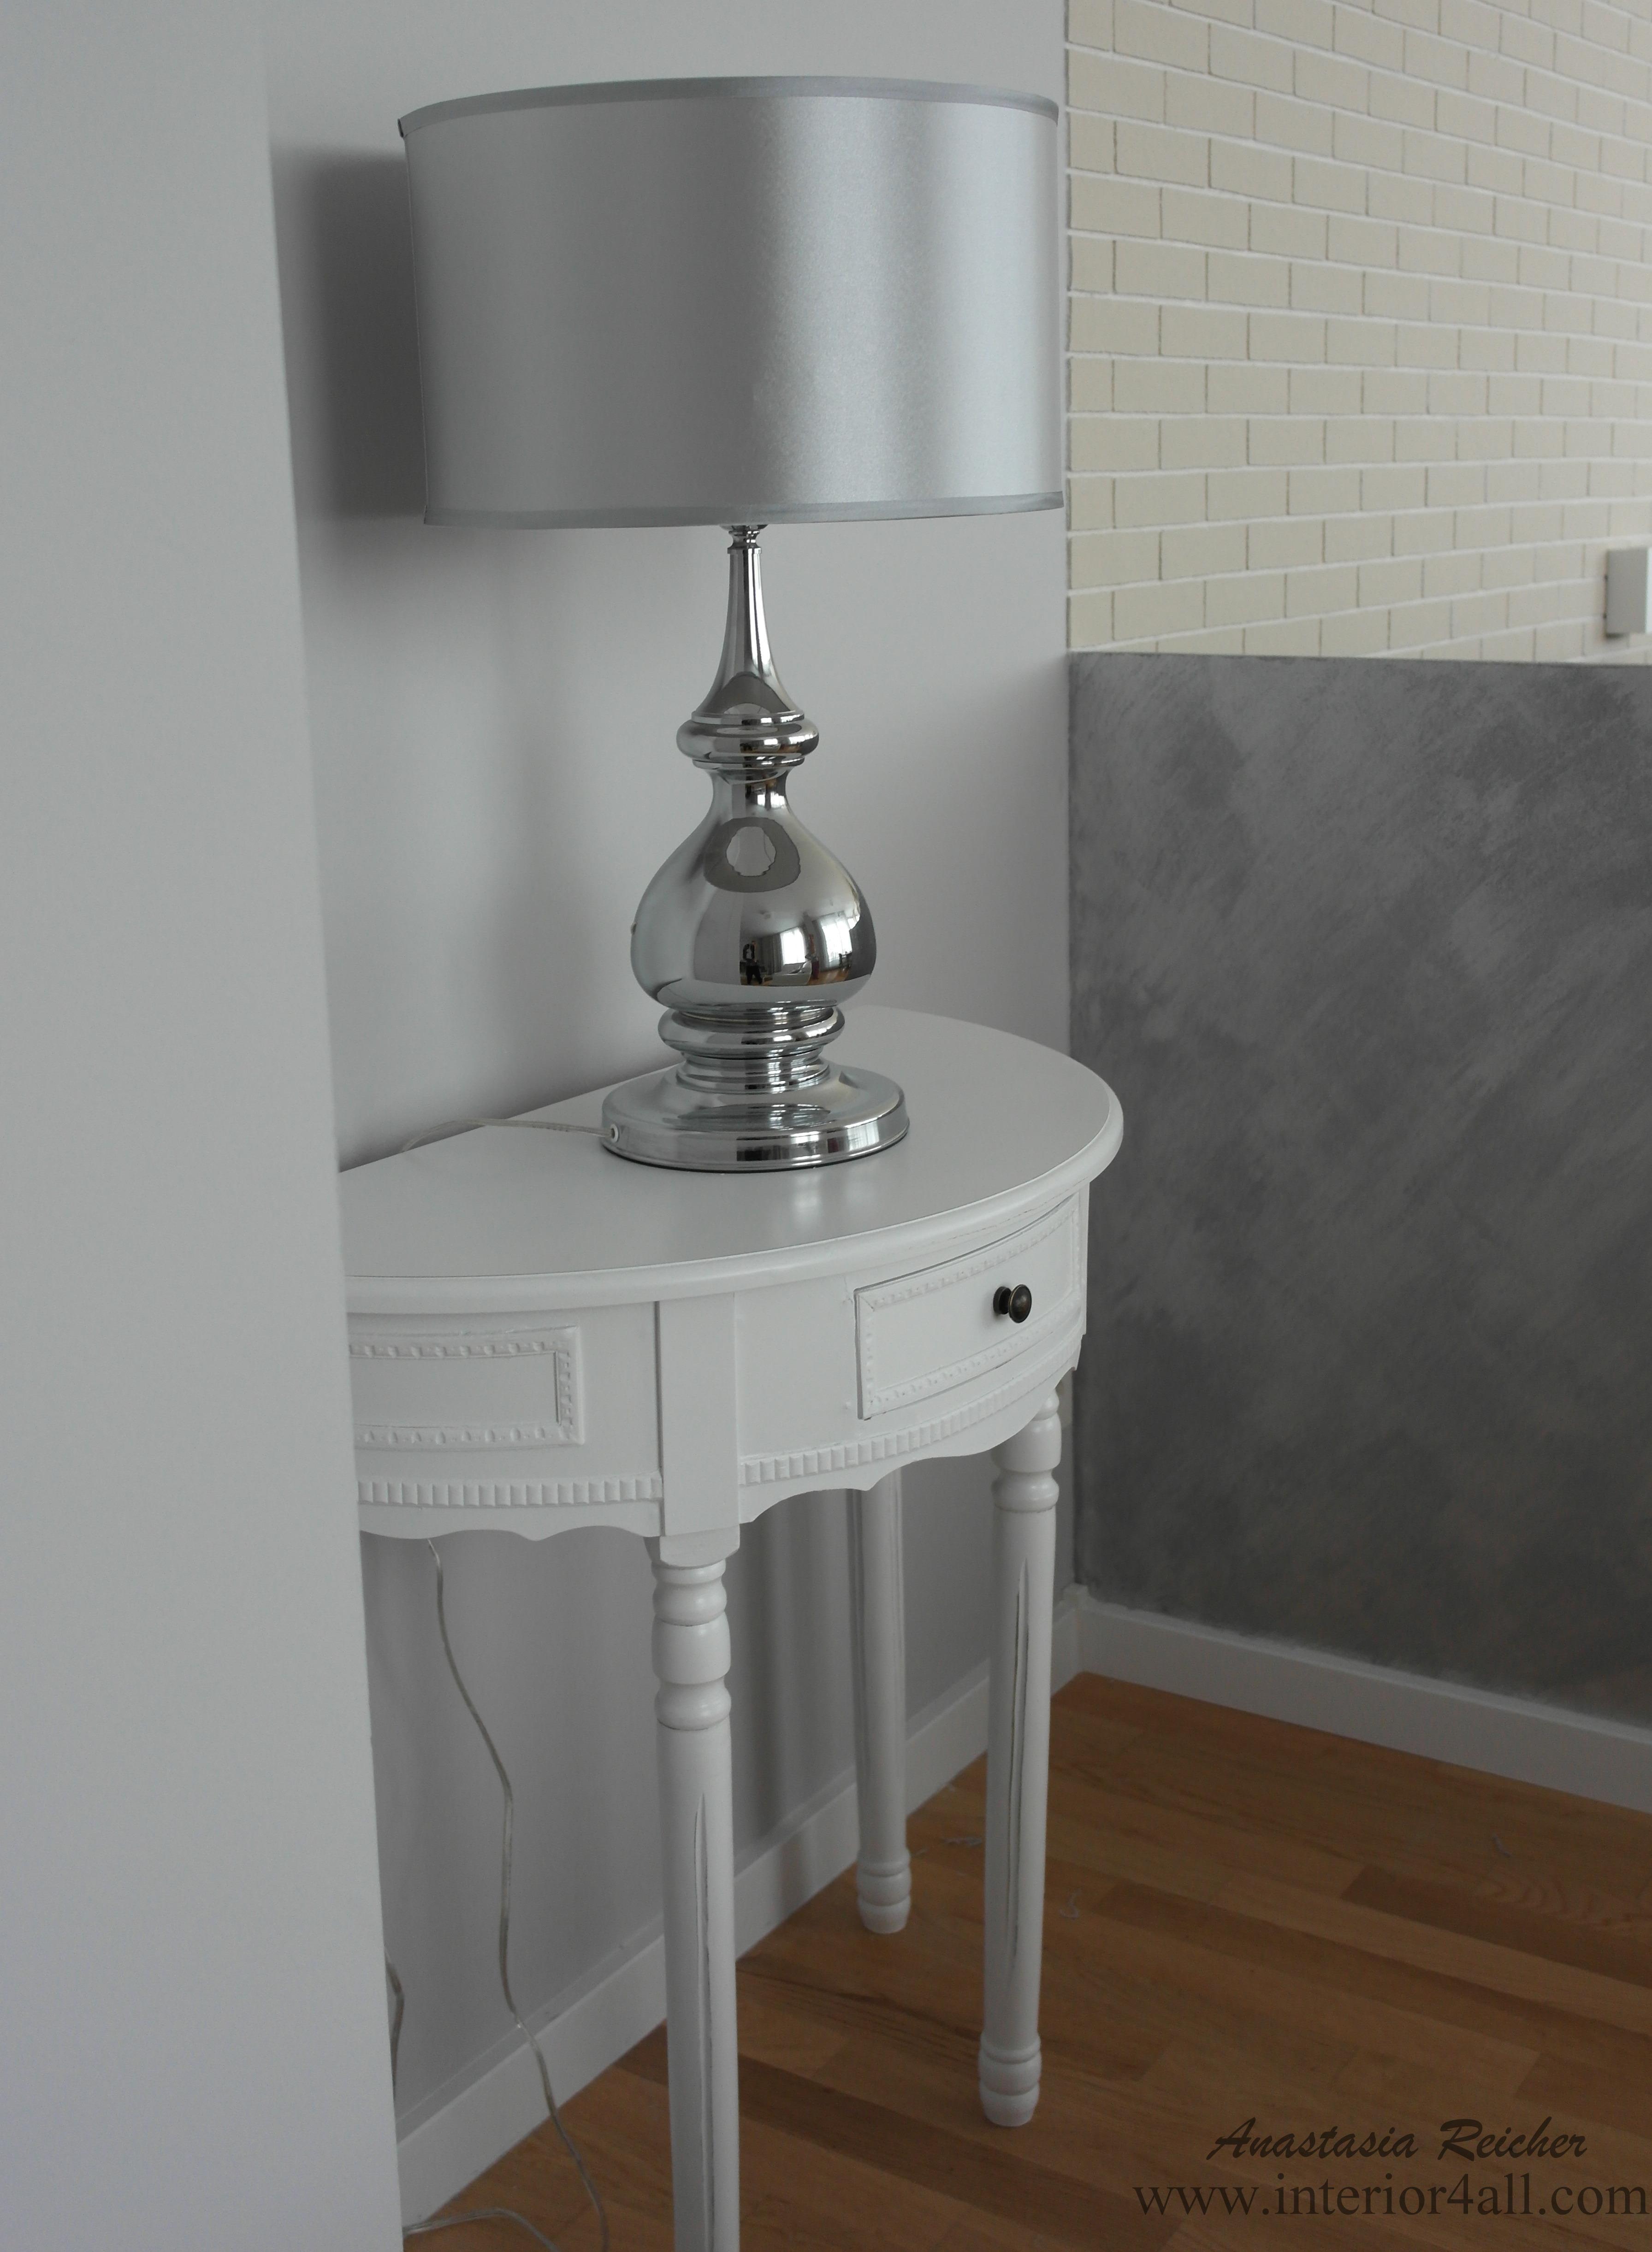 Wohnzimmer Interior Design Details #wohnzimmerbeleuchtung  #romantischeswohnzimmer ©Anastasia Reicher Interior Design